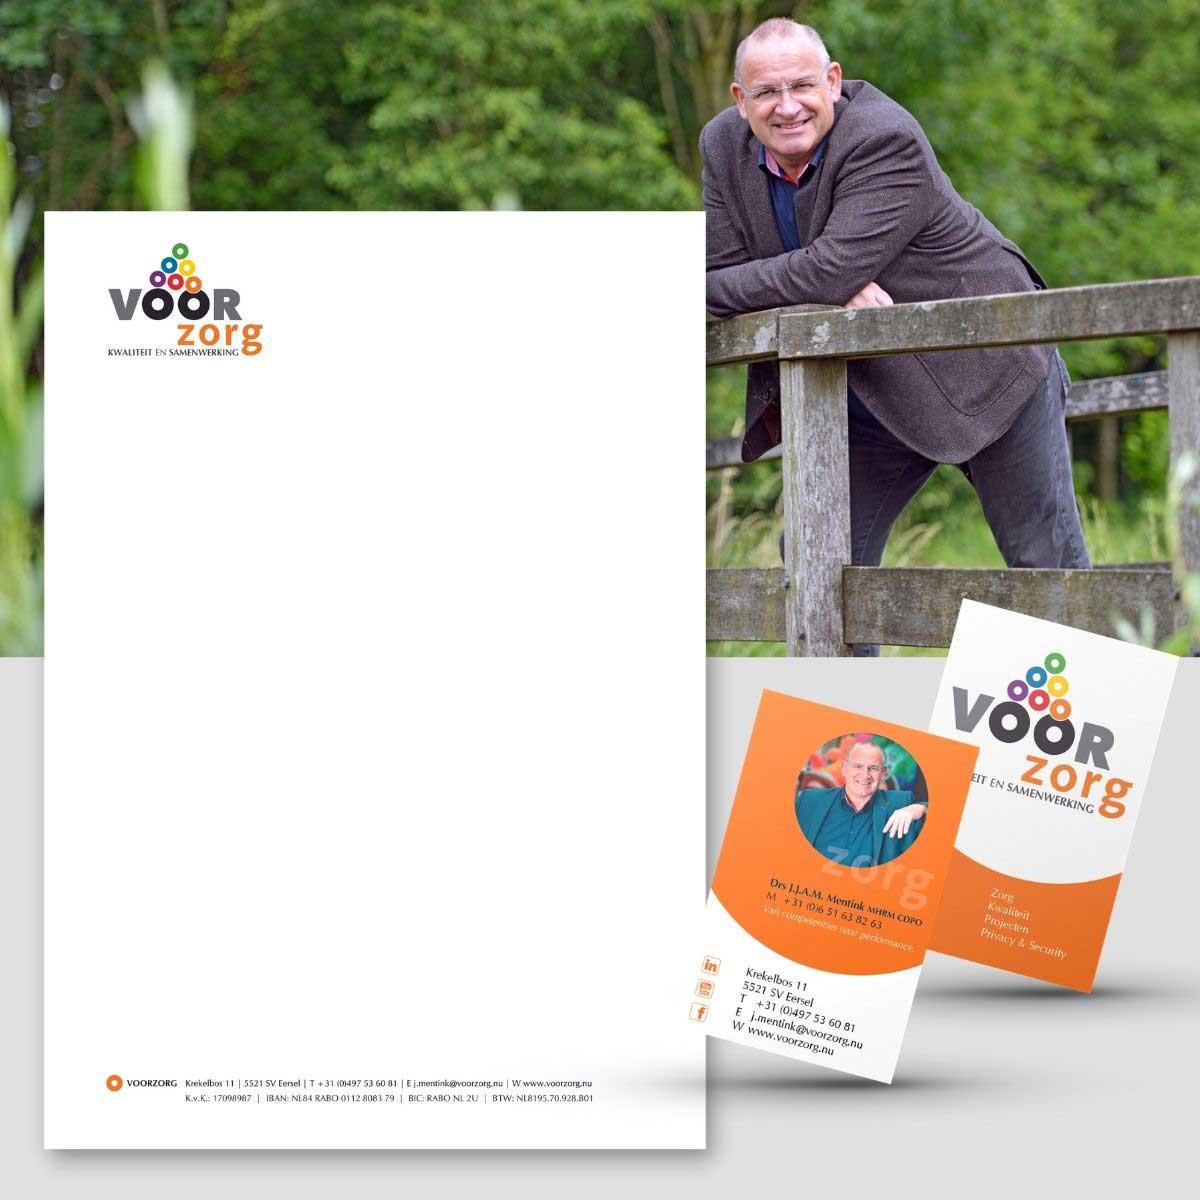 Profielfoto, briefpapier, visitekaartje voor Voorzorg.